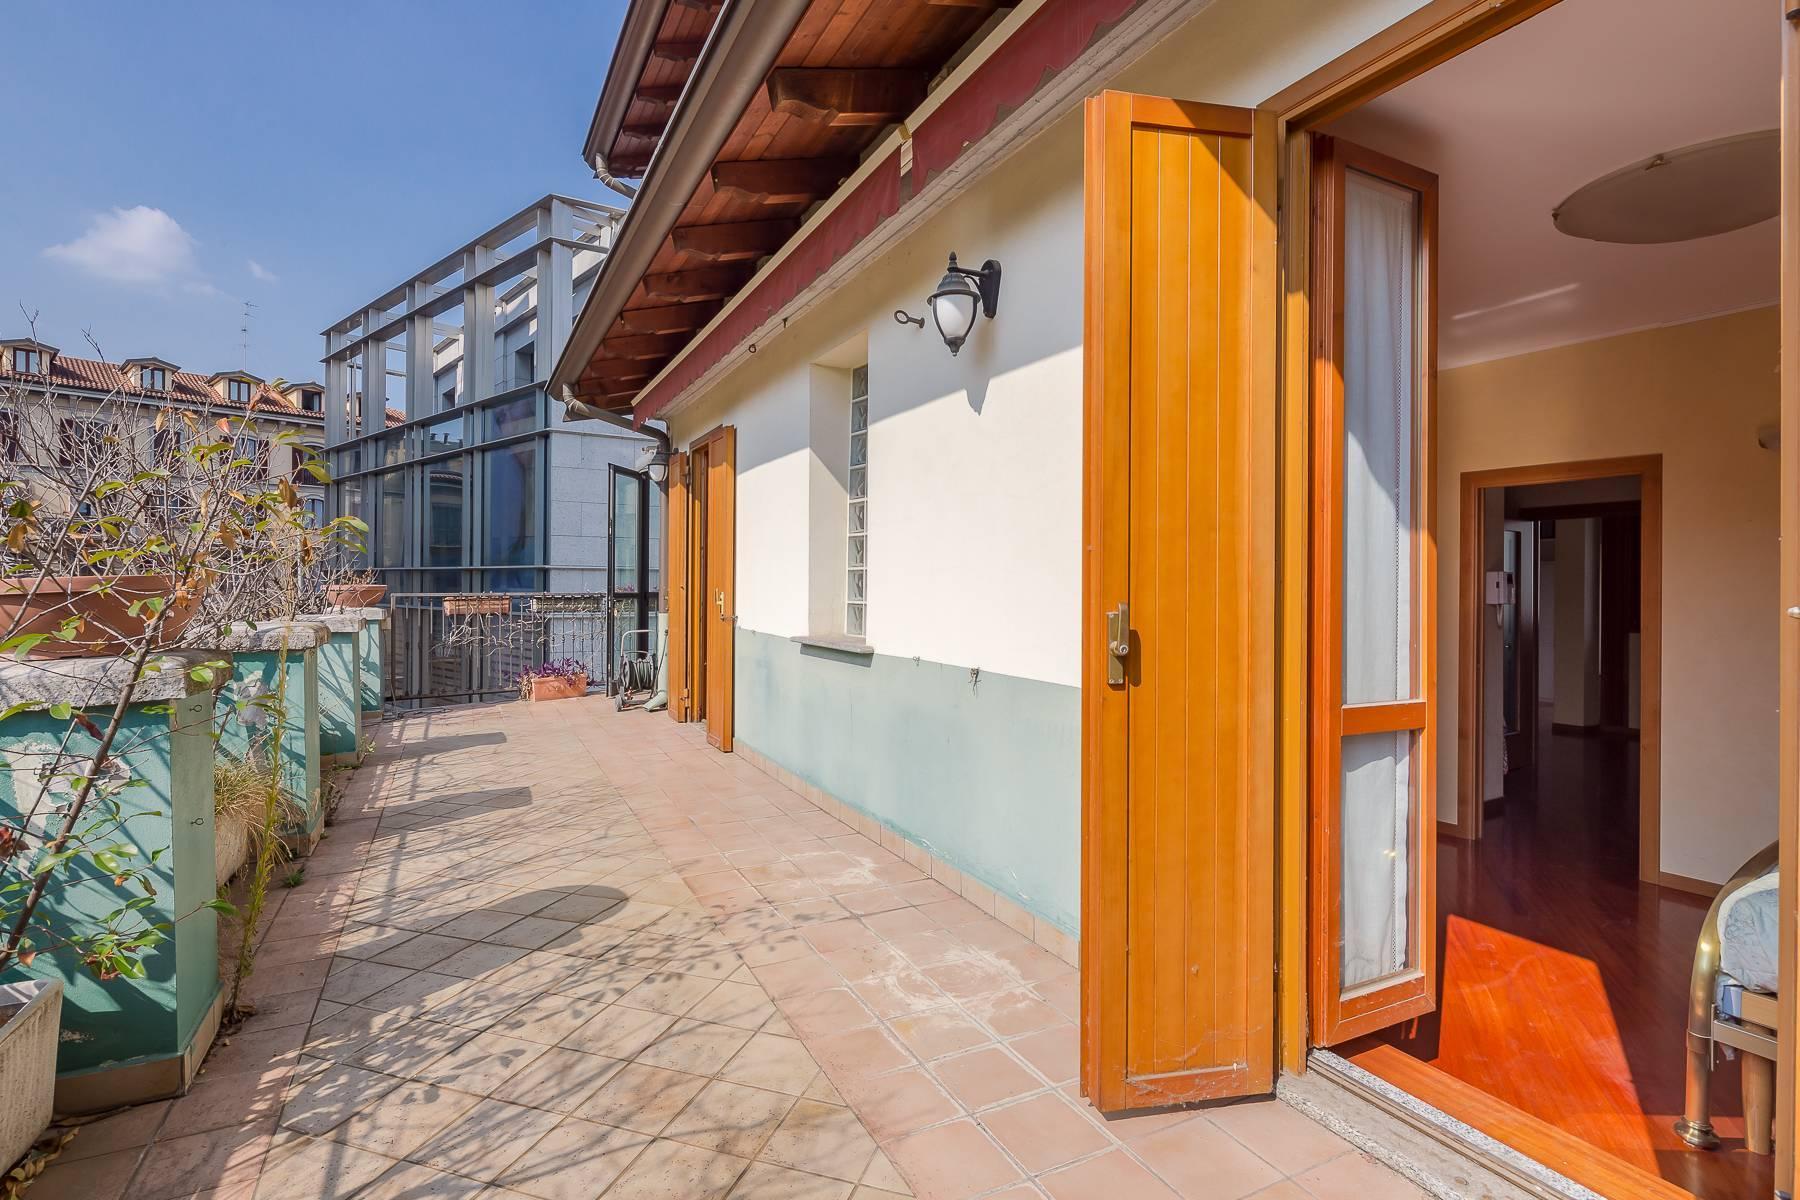 Appartamento di charme con terrazzo a pochi passi dal Duomo - 1